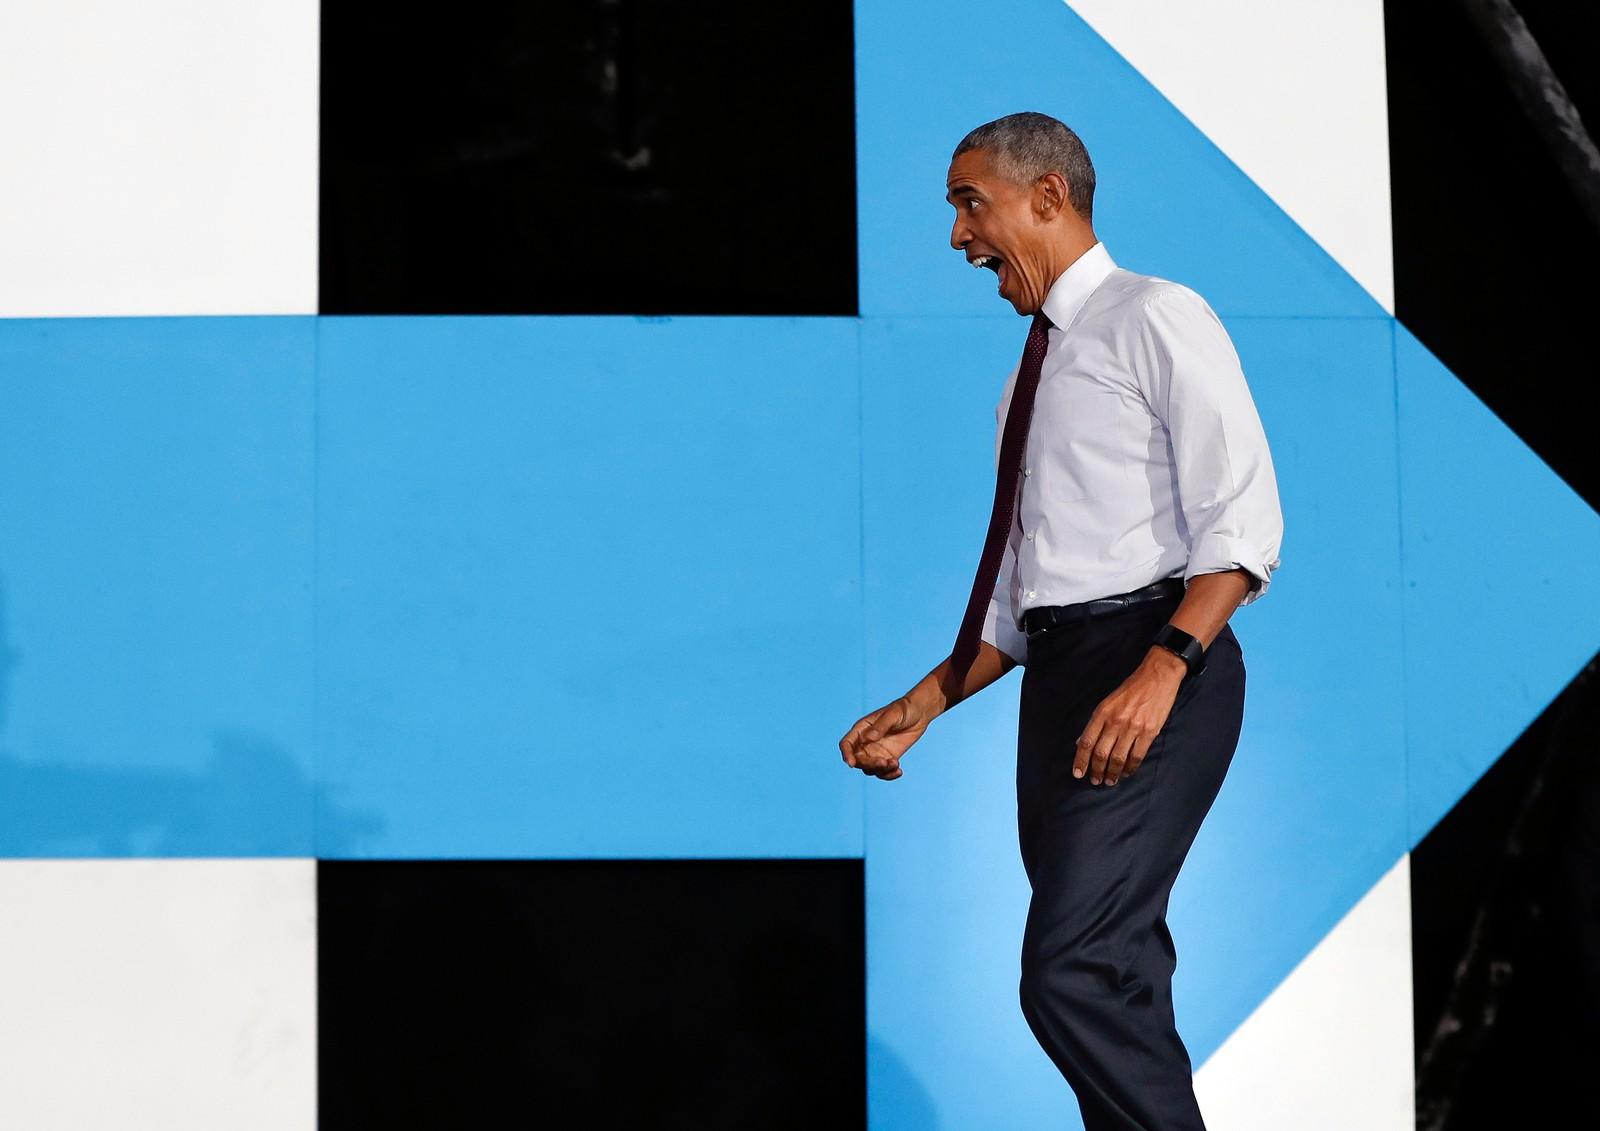 Dette er ikke slik President Barack Obama reagerte da han hørte at Donald Trump vant valget. Dette bildet ble tatt da han deltok på et valgkamparrangement like før valget.